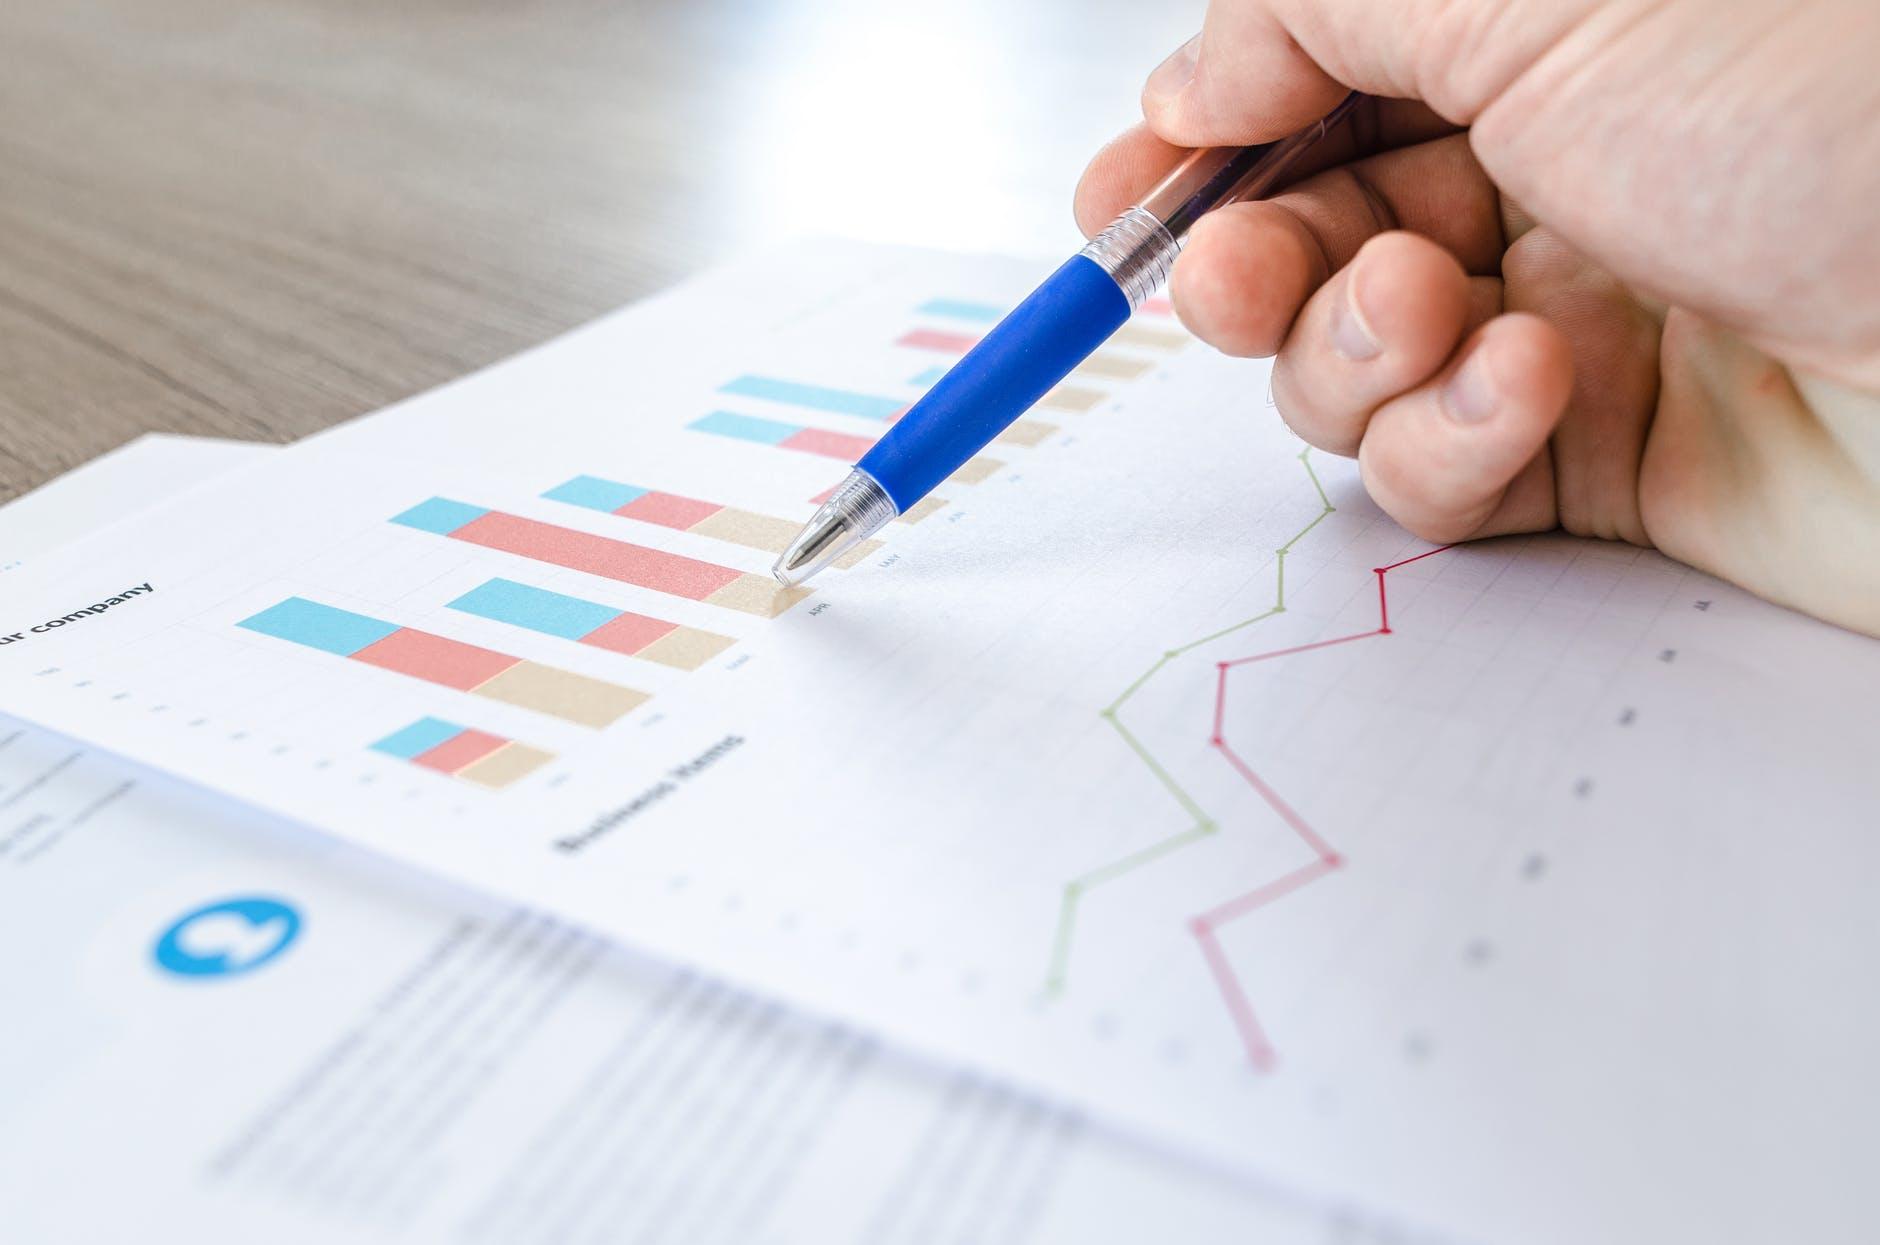 Apa Saja Yang Perlu Dilaporkan Dalam Laporan Keuangan BUMDes?